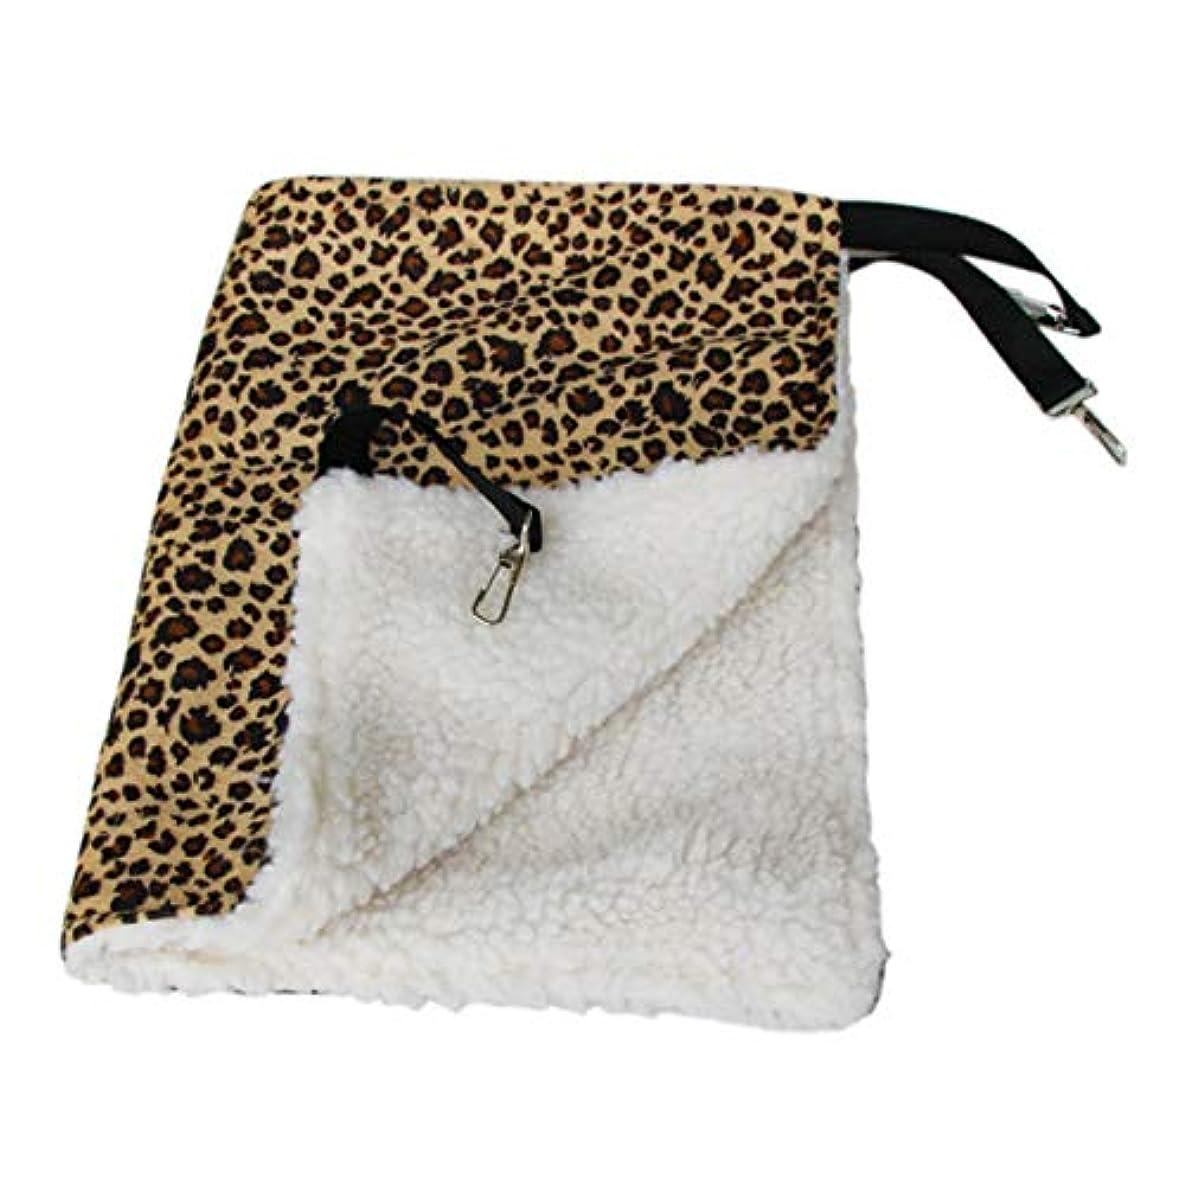 トランスペアレント原始的なマウスピースSaikogoods 暖かいハンギング猫ベッドマットソフトキャットハンモック冬ハンモックペット子猫ケージベッドカバークッションエアベッドペット 黄 L